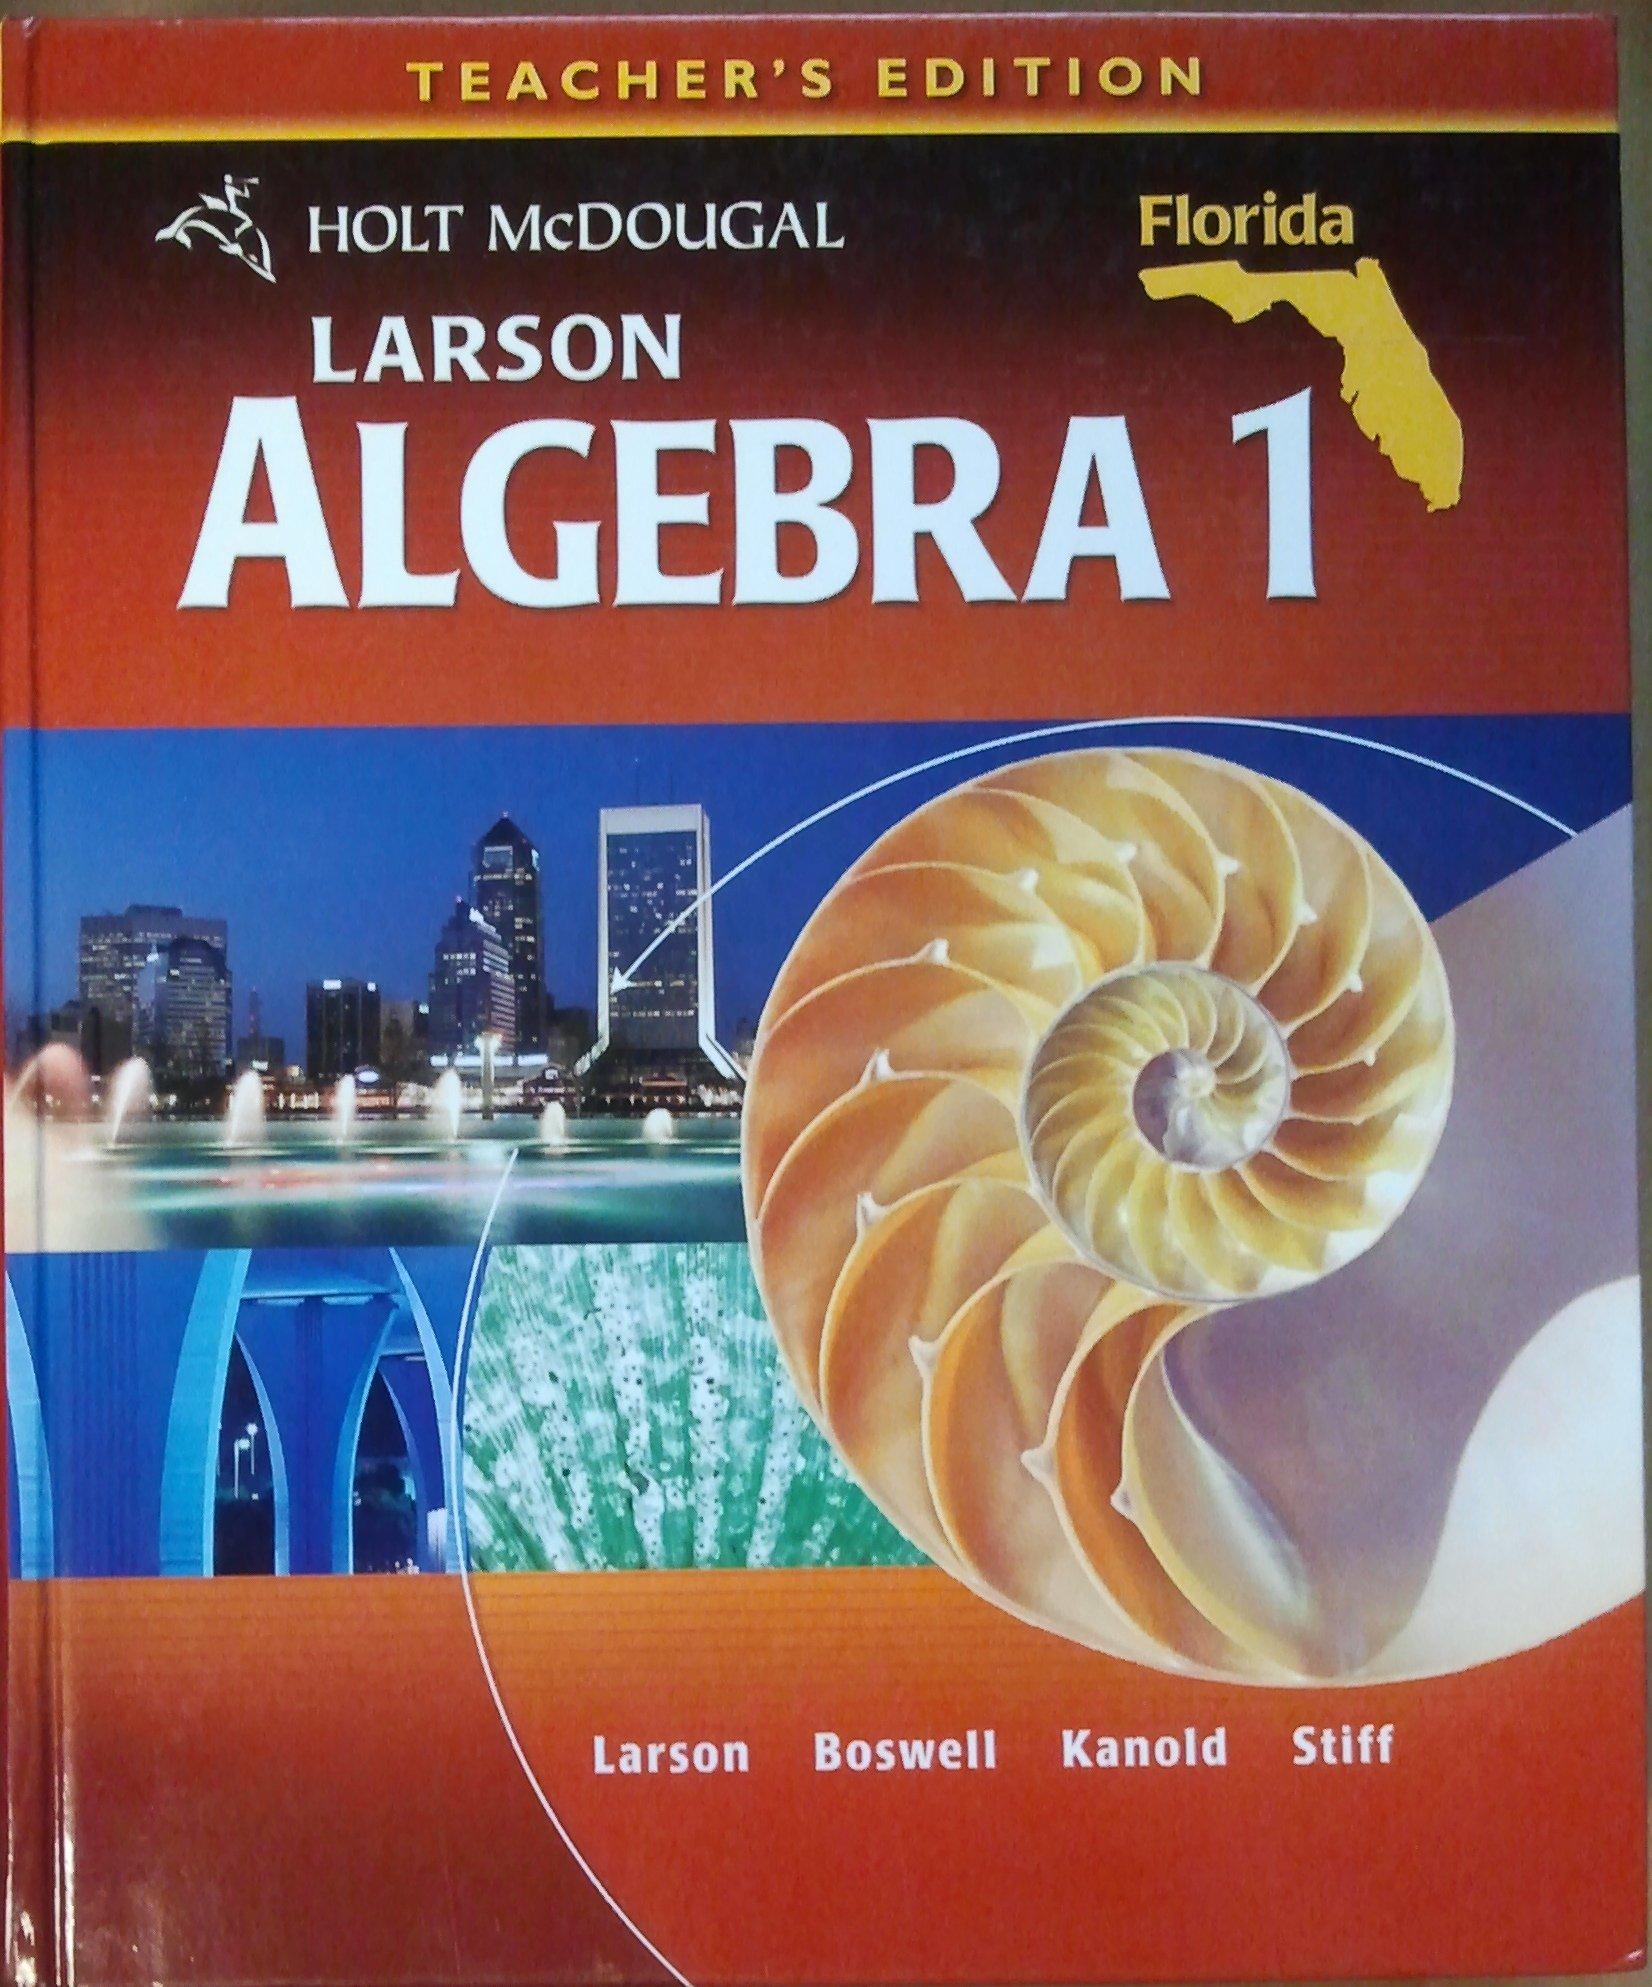 Florida Algebra 1 Textbook